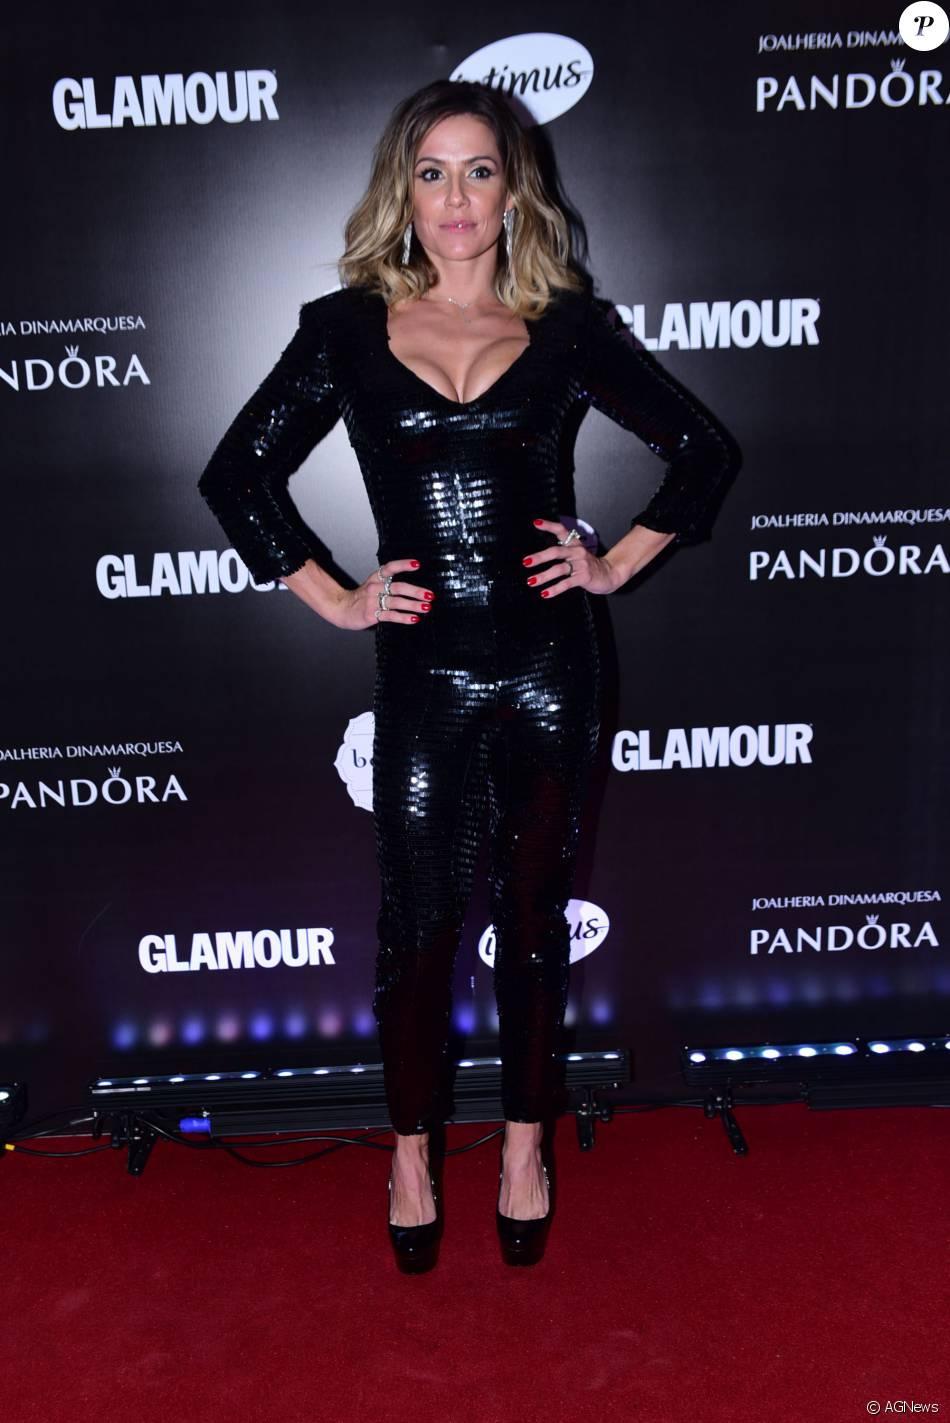 4a4d4ddbb Deborah Secco escolheu um macacão justinho que evidenciou o busto no prêmio  'Geração Glamour'